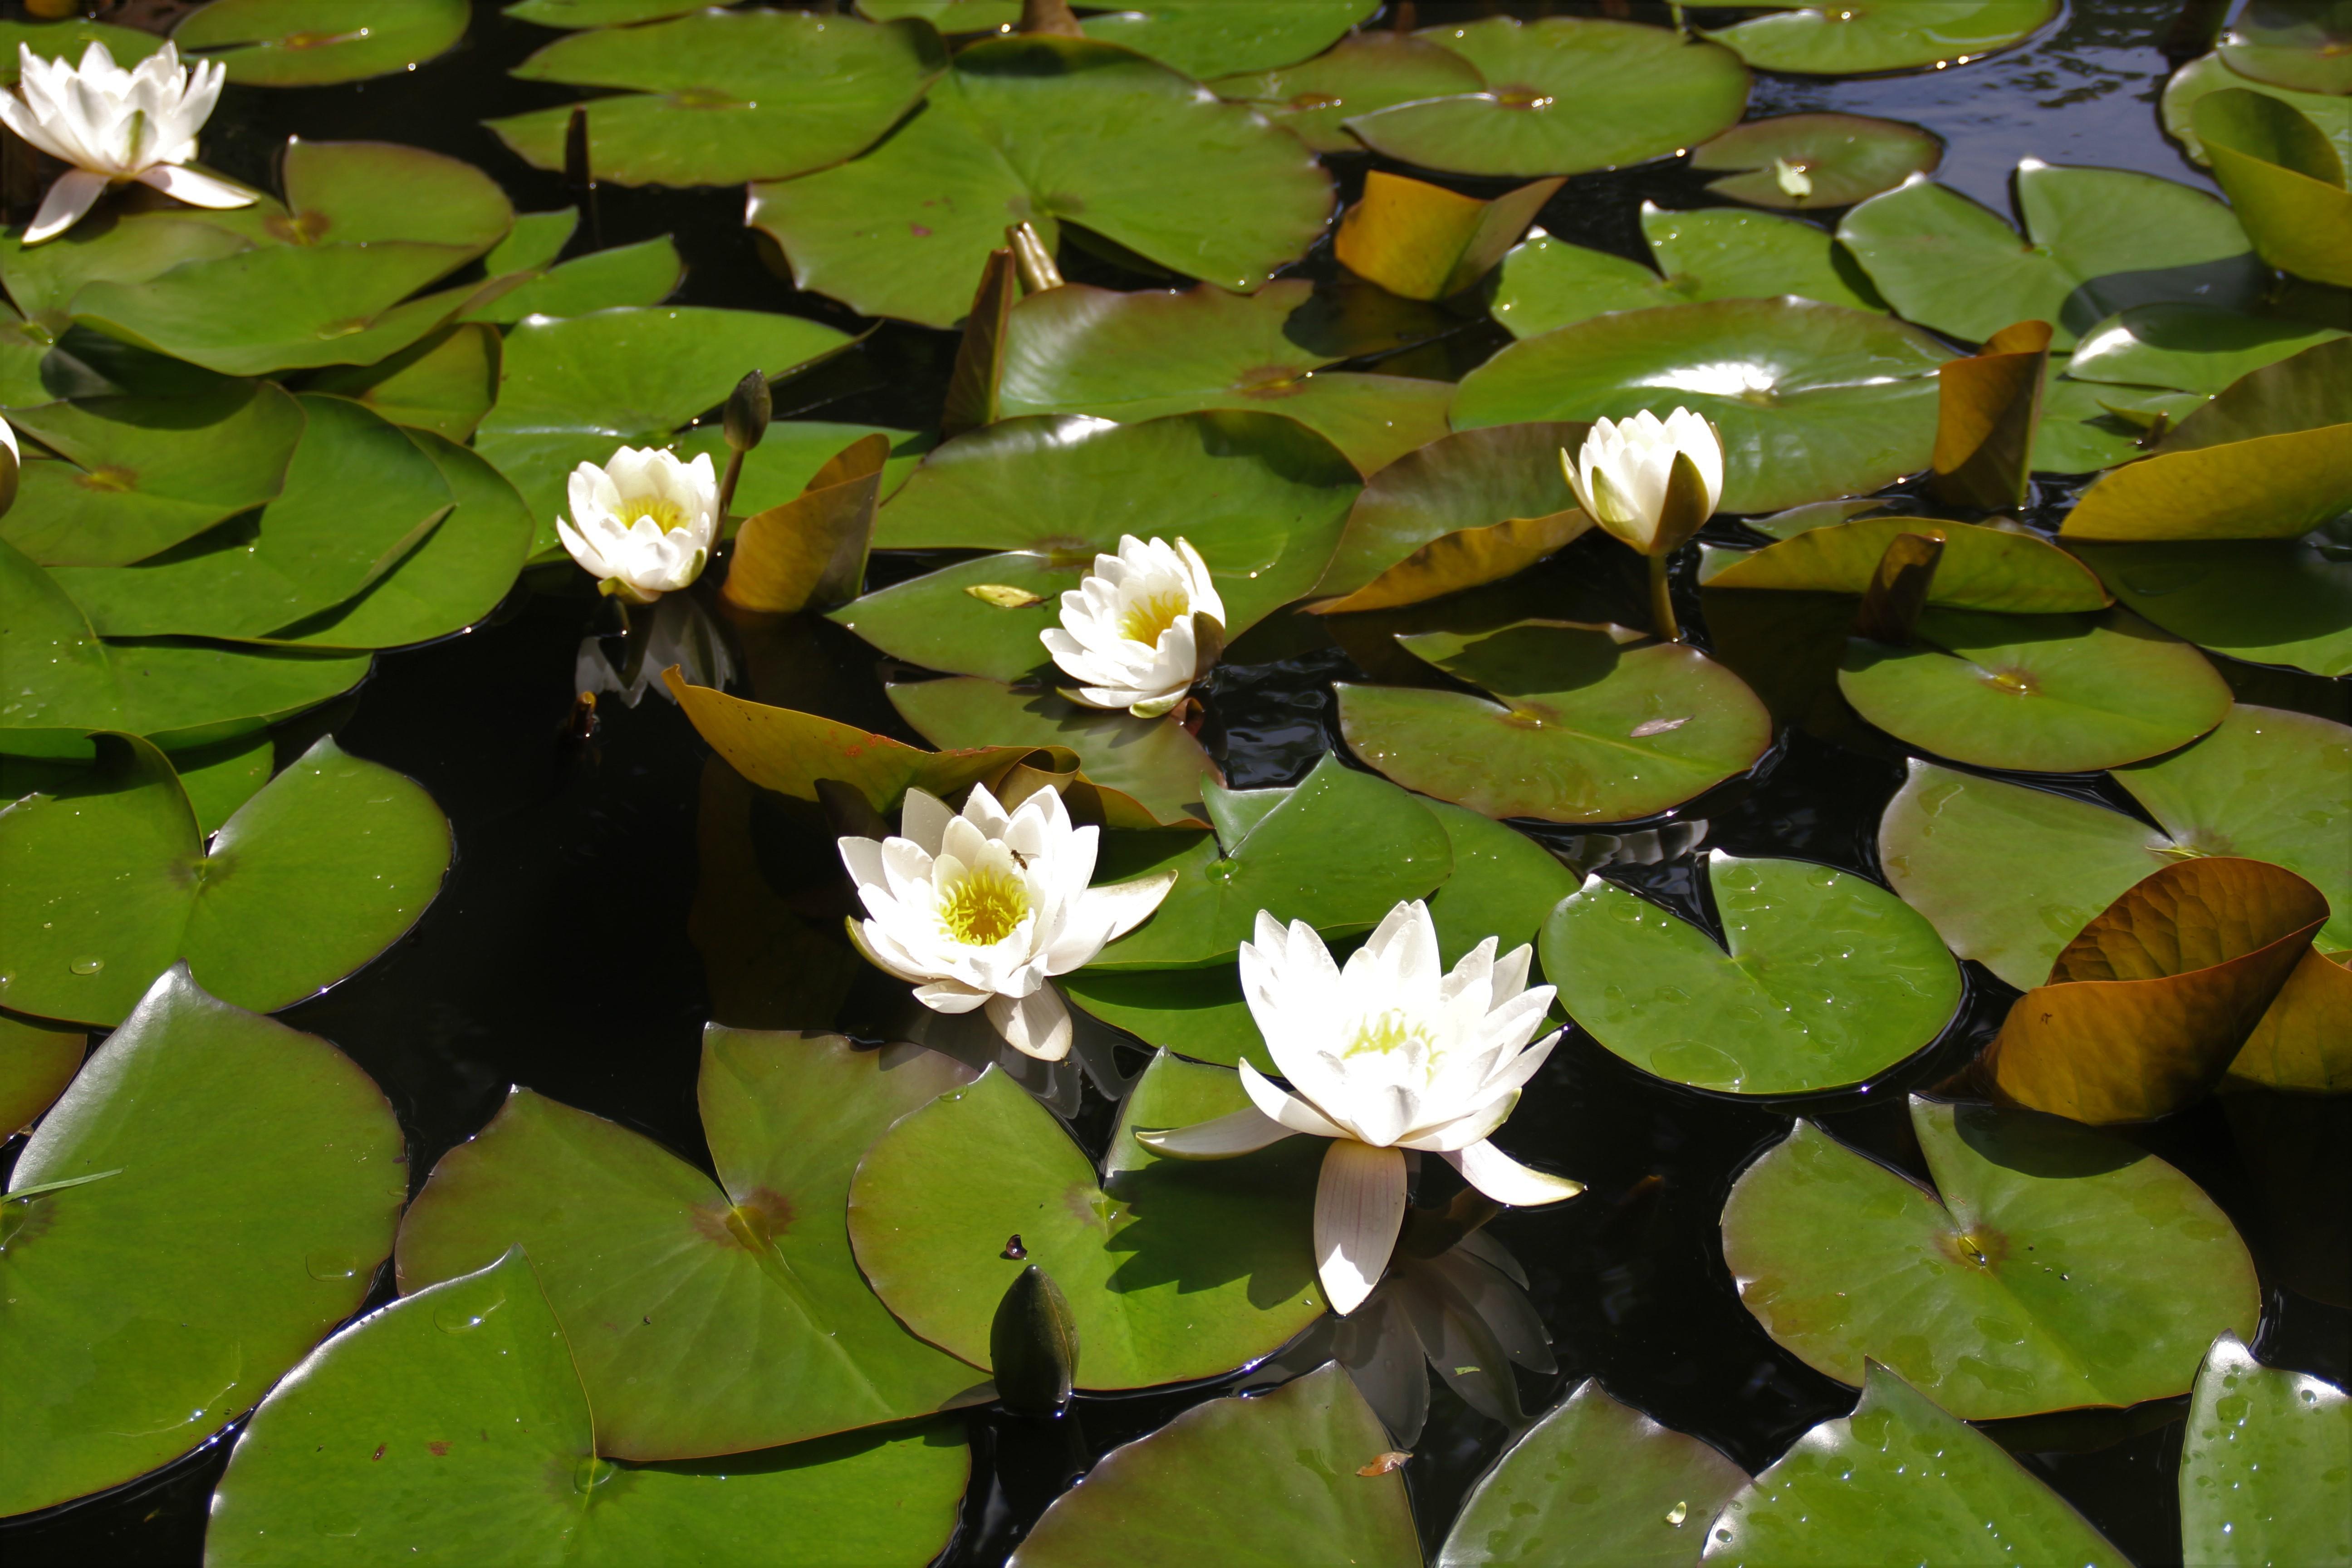 Lilie wodne w parku zamkowym